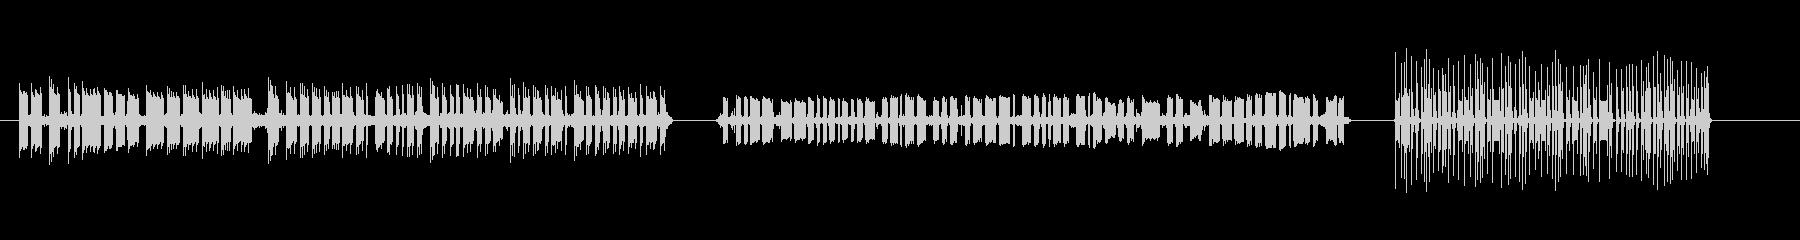 モールス信号モールス信号_送信_受...の未再生の波形